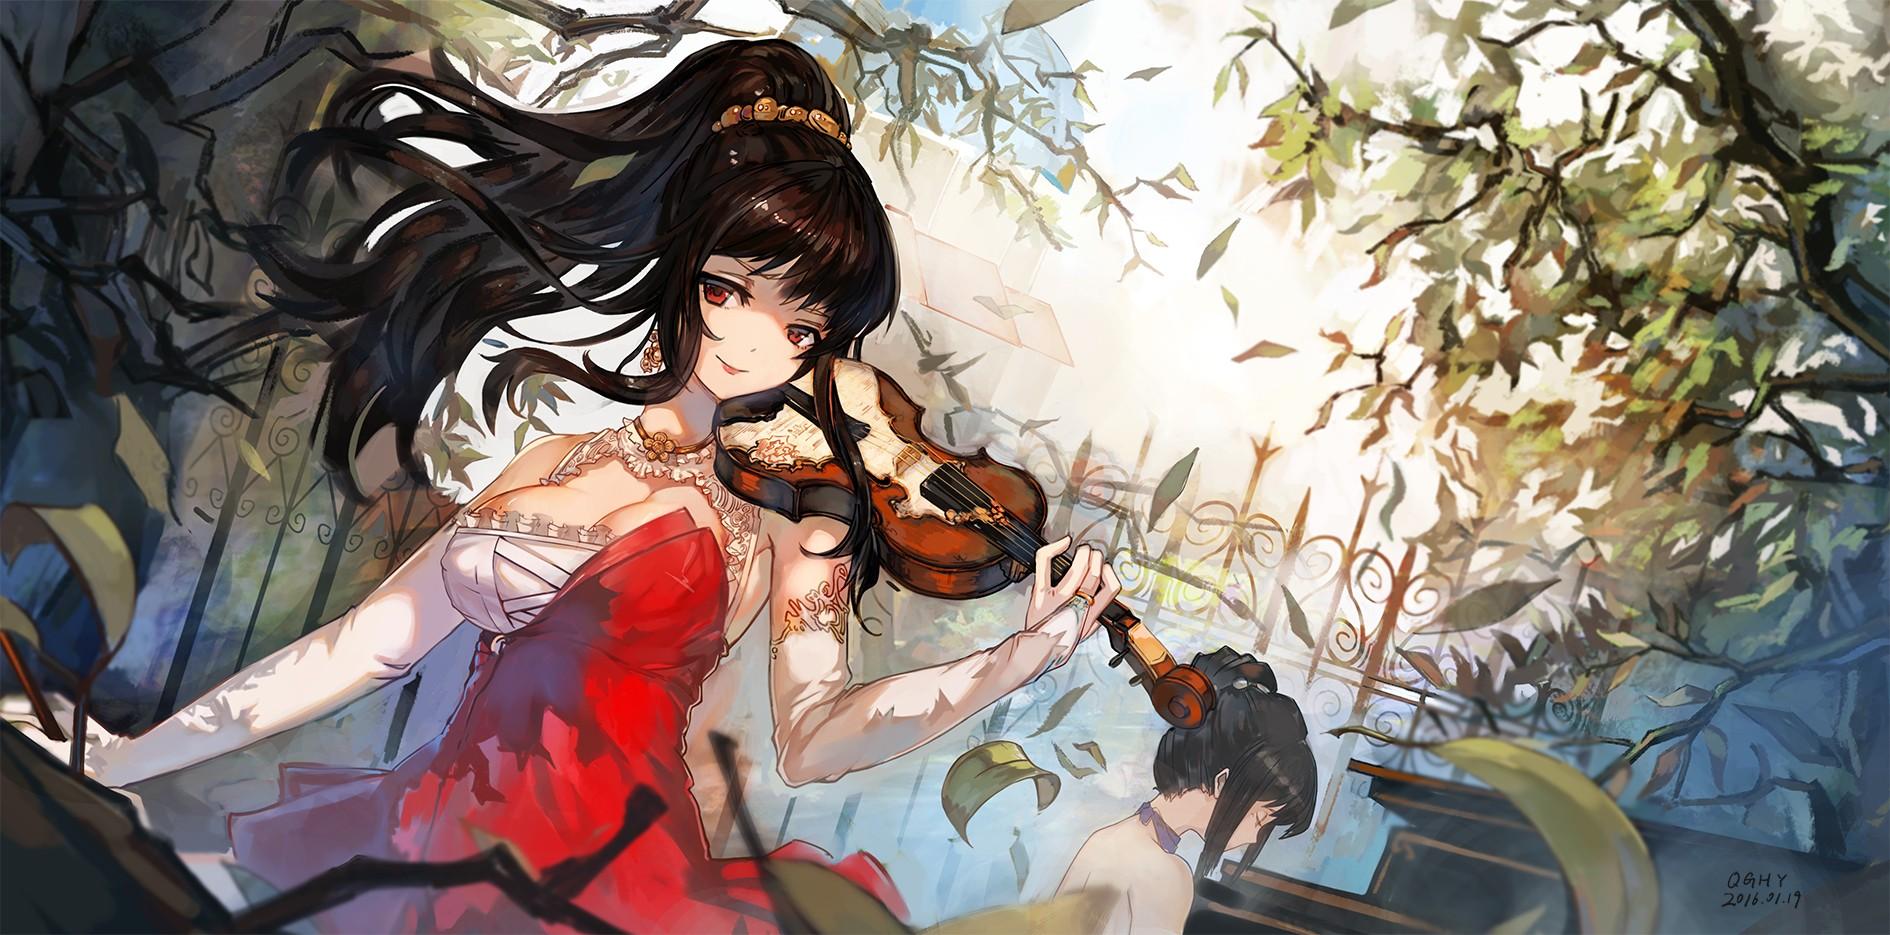 Manga Girl Playing Violin